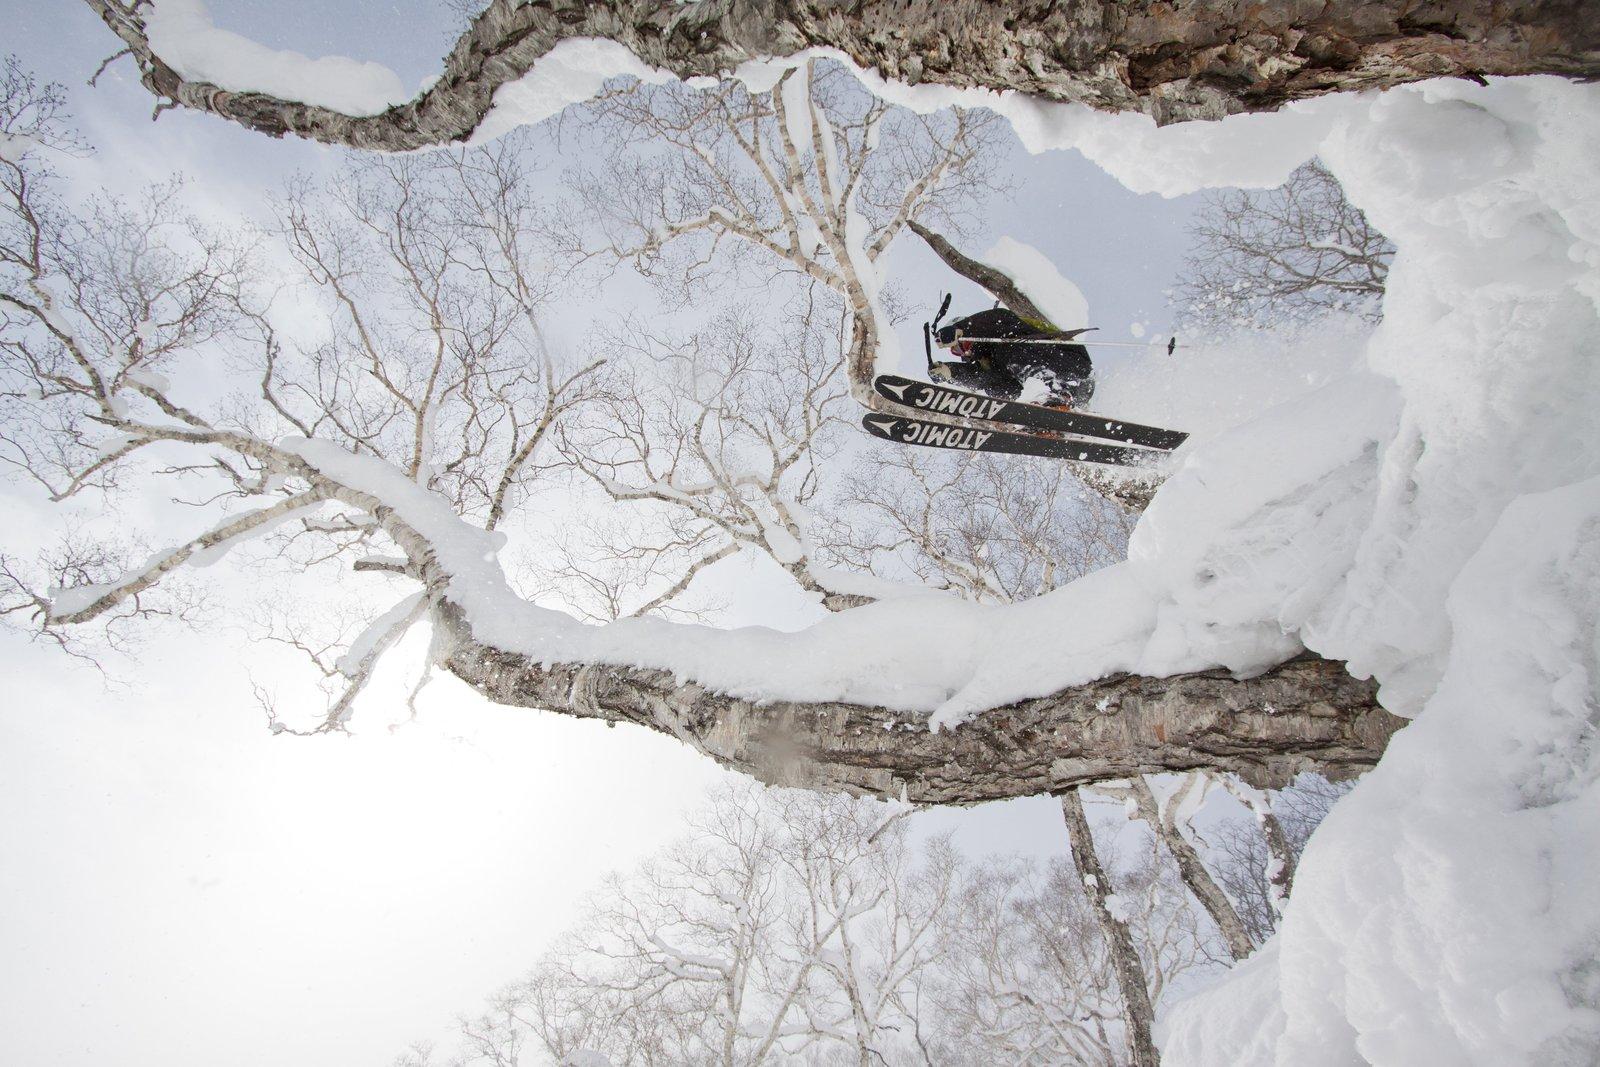 北海道ニセコ花園リゾートでスキーを楽しむ人